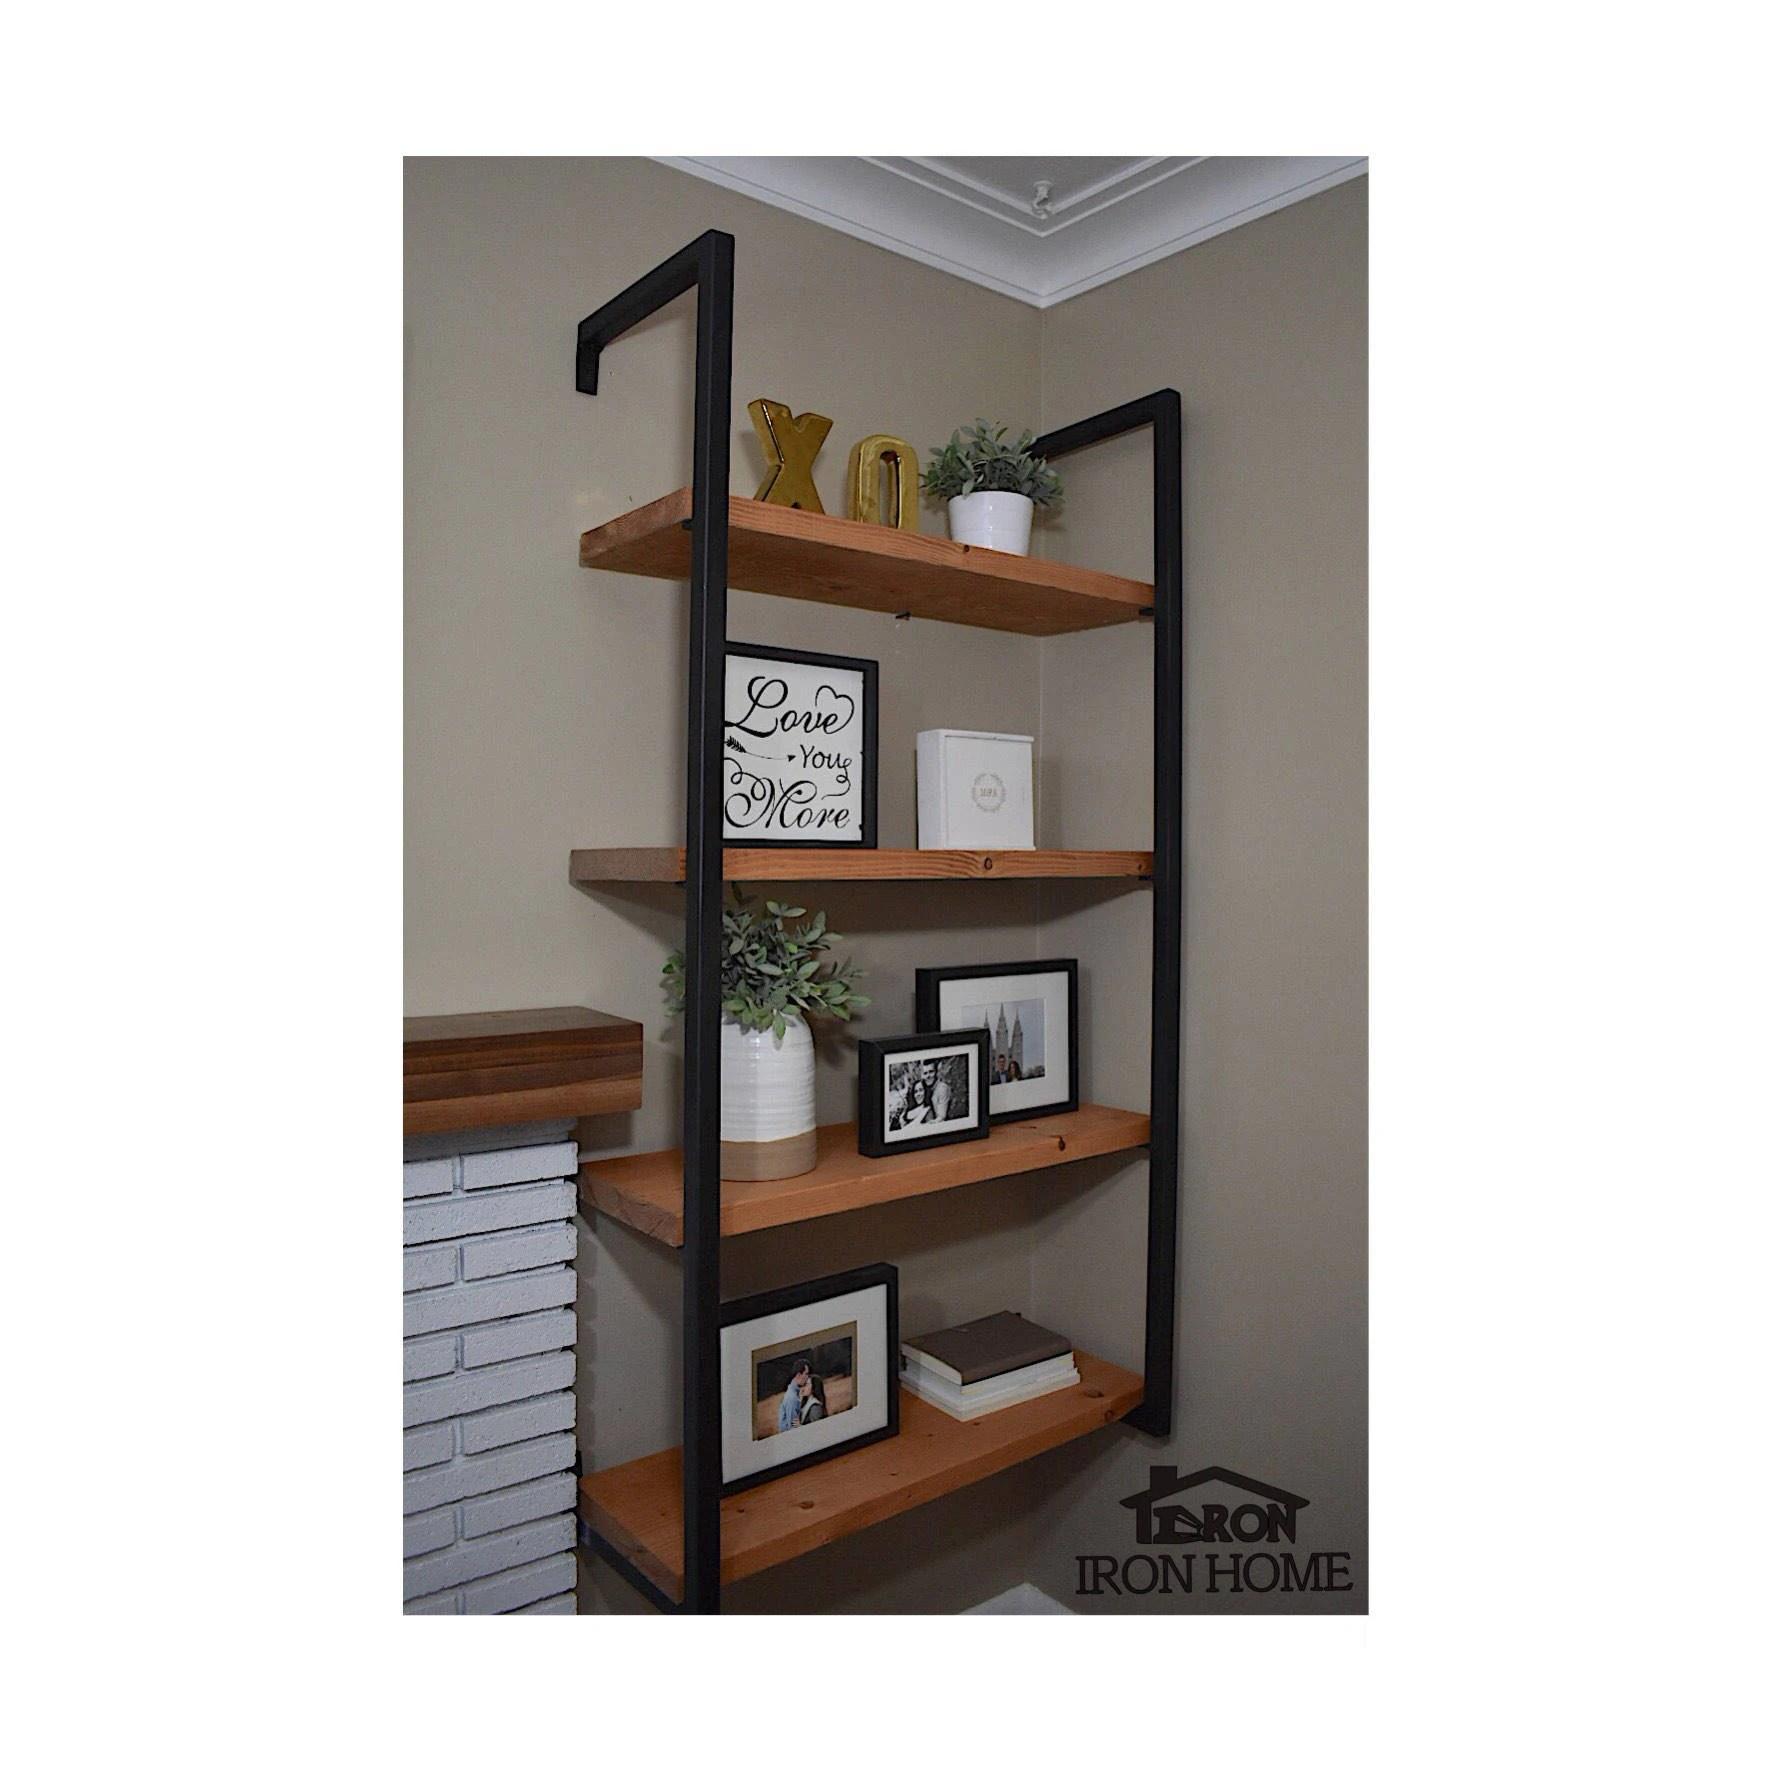 Fullsize Of Wrap Around Wall Shelves